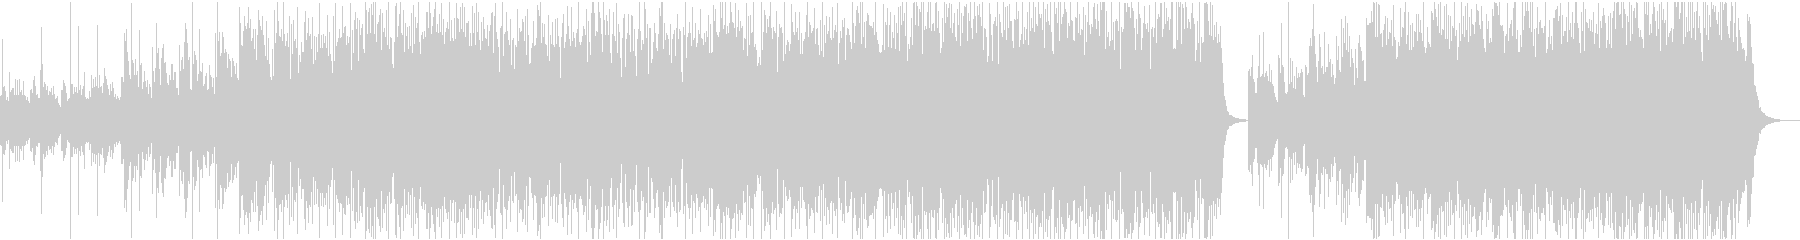 和風テイストの戦闘曲を意識したロックの未再生の波形